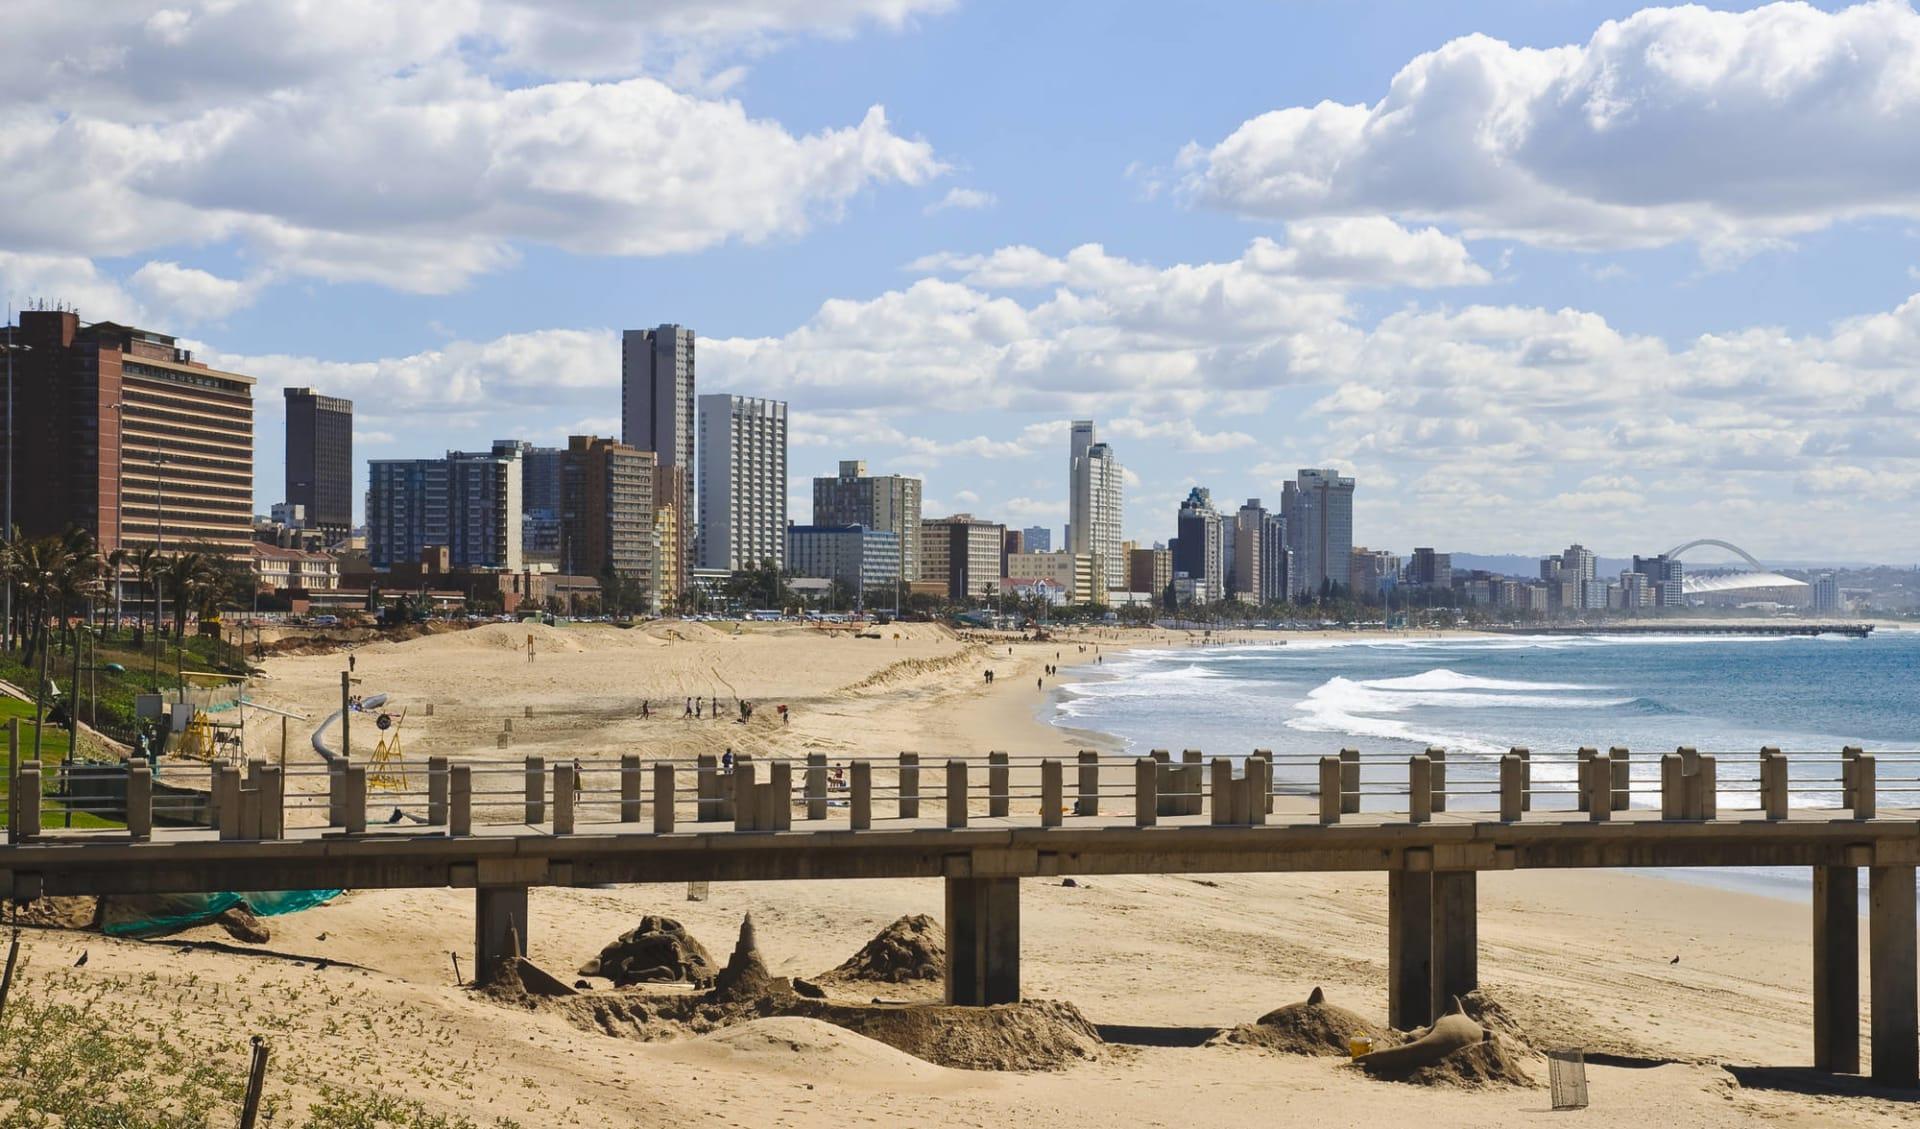 Südafrika Klassiker Privatreise ab Johannesburg: Südafrika - Durban - Skyline